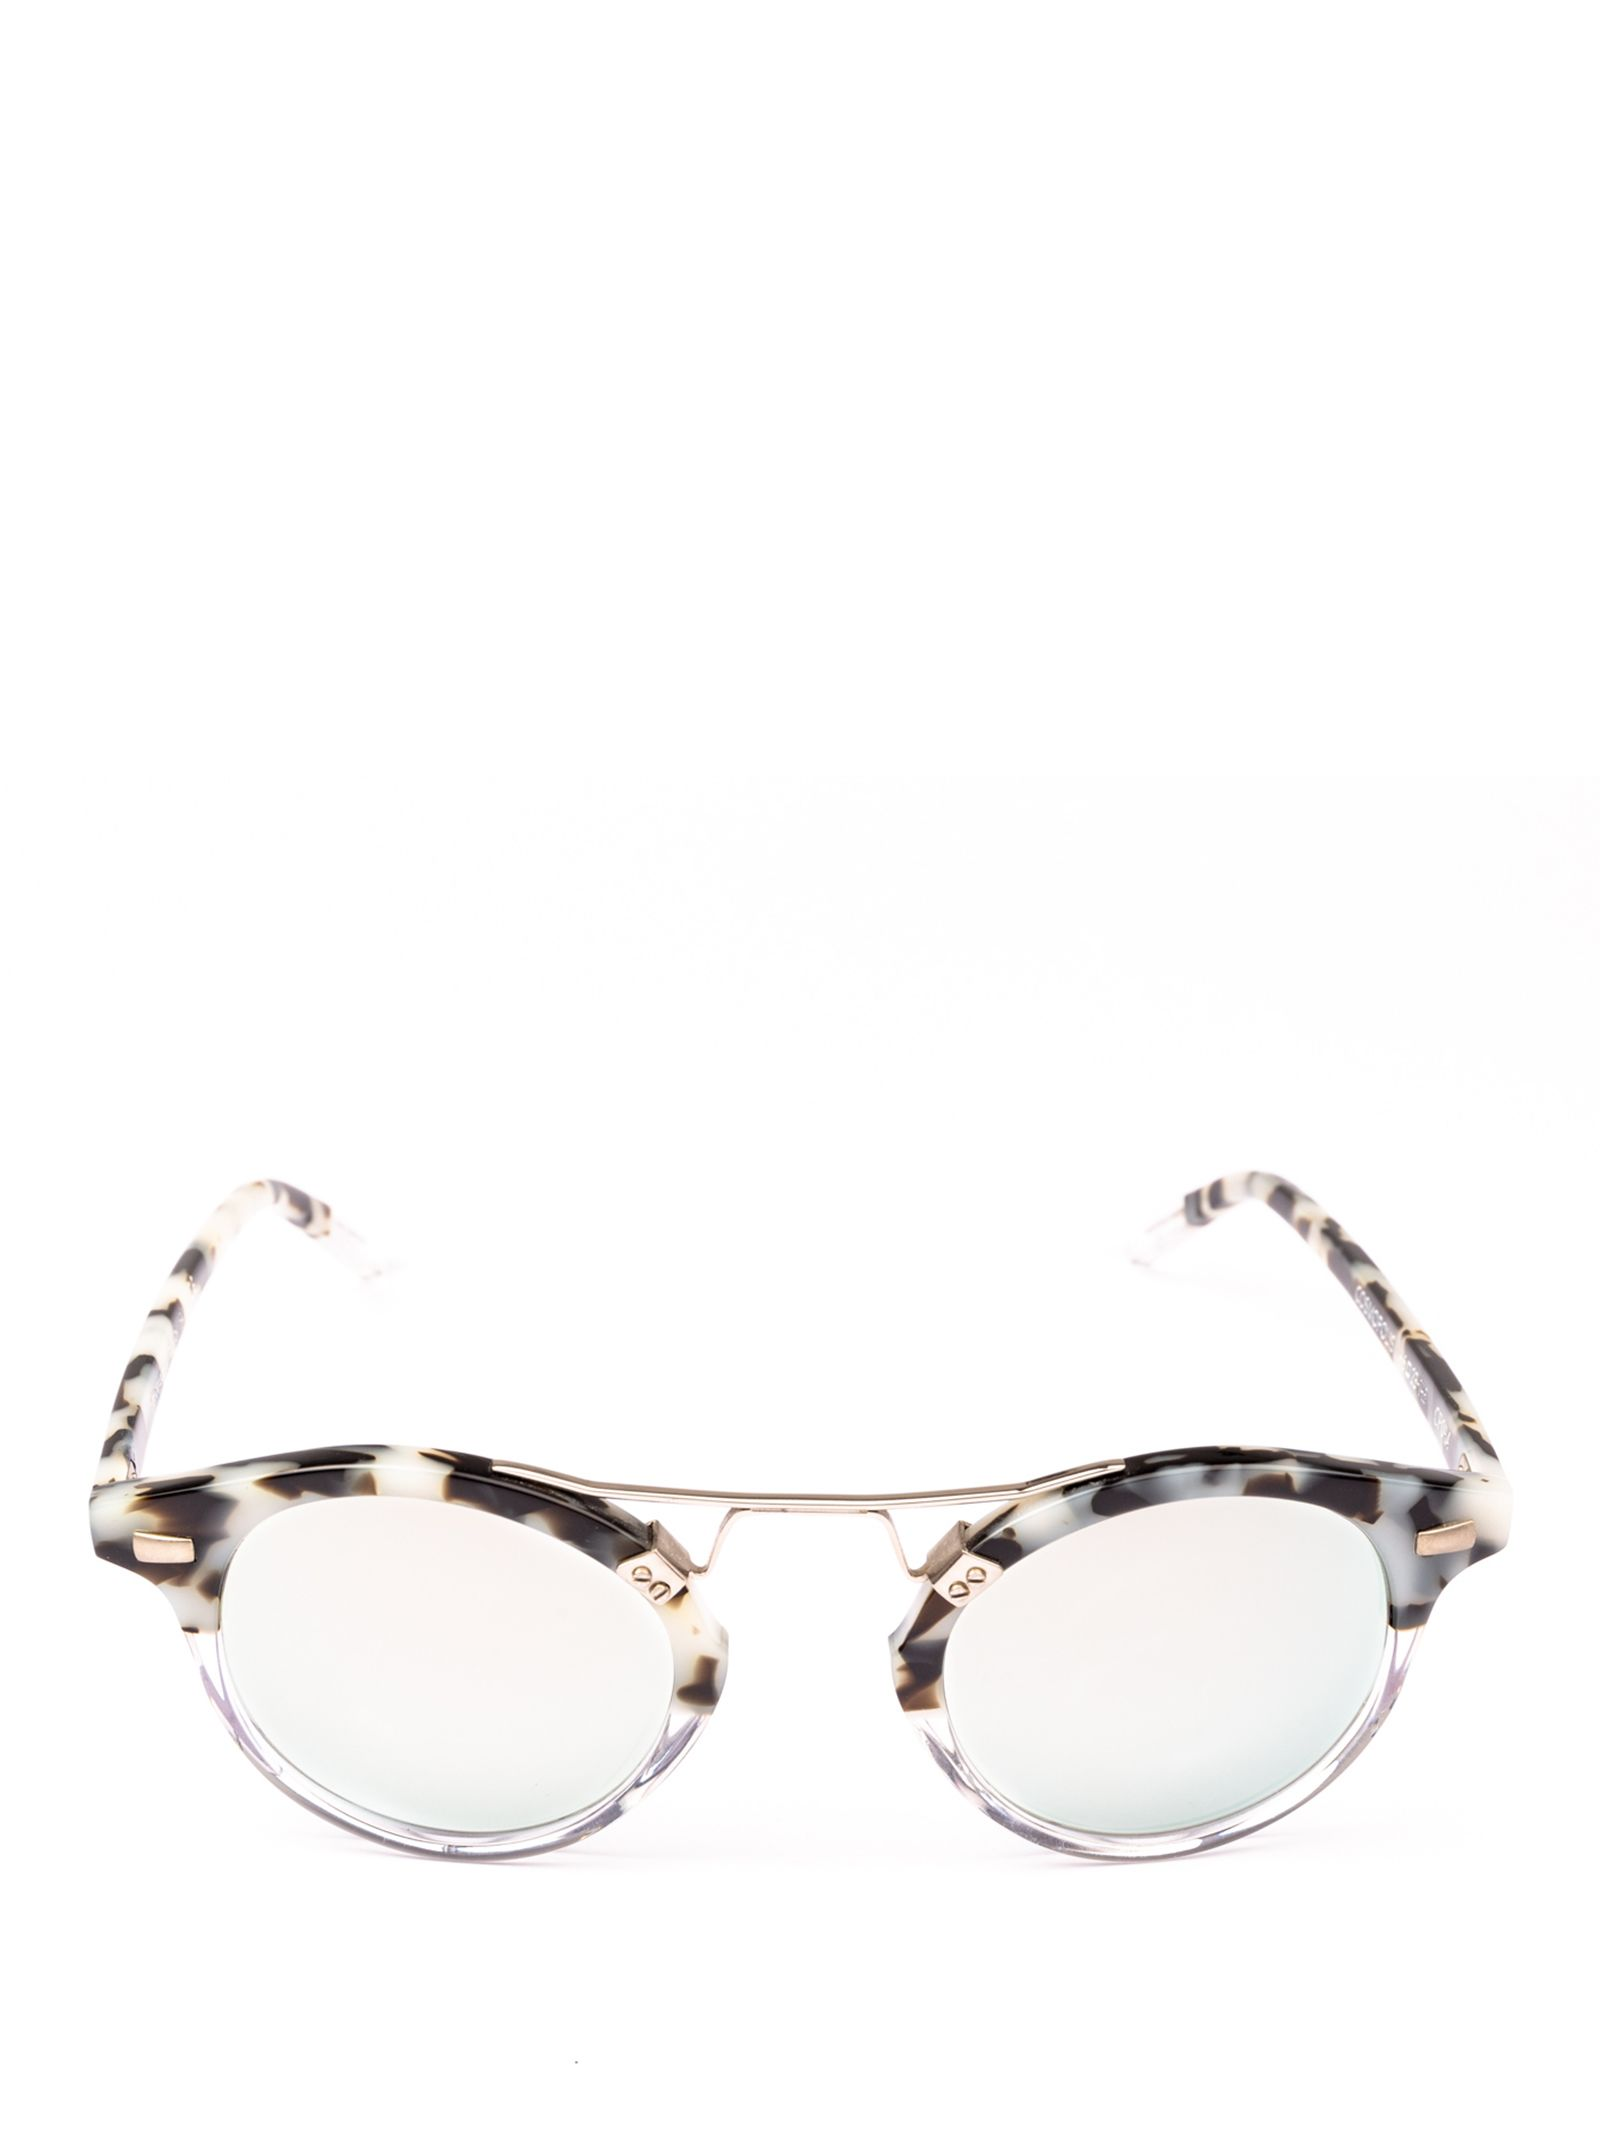 SPEKTRE Sunglasses in Cp04A